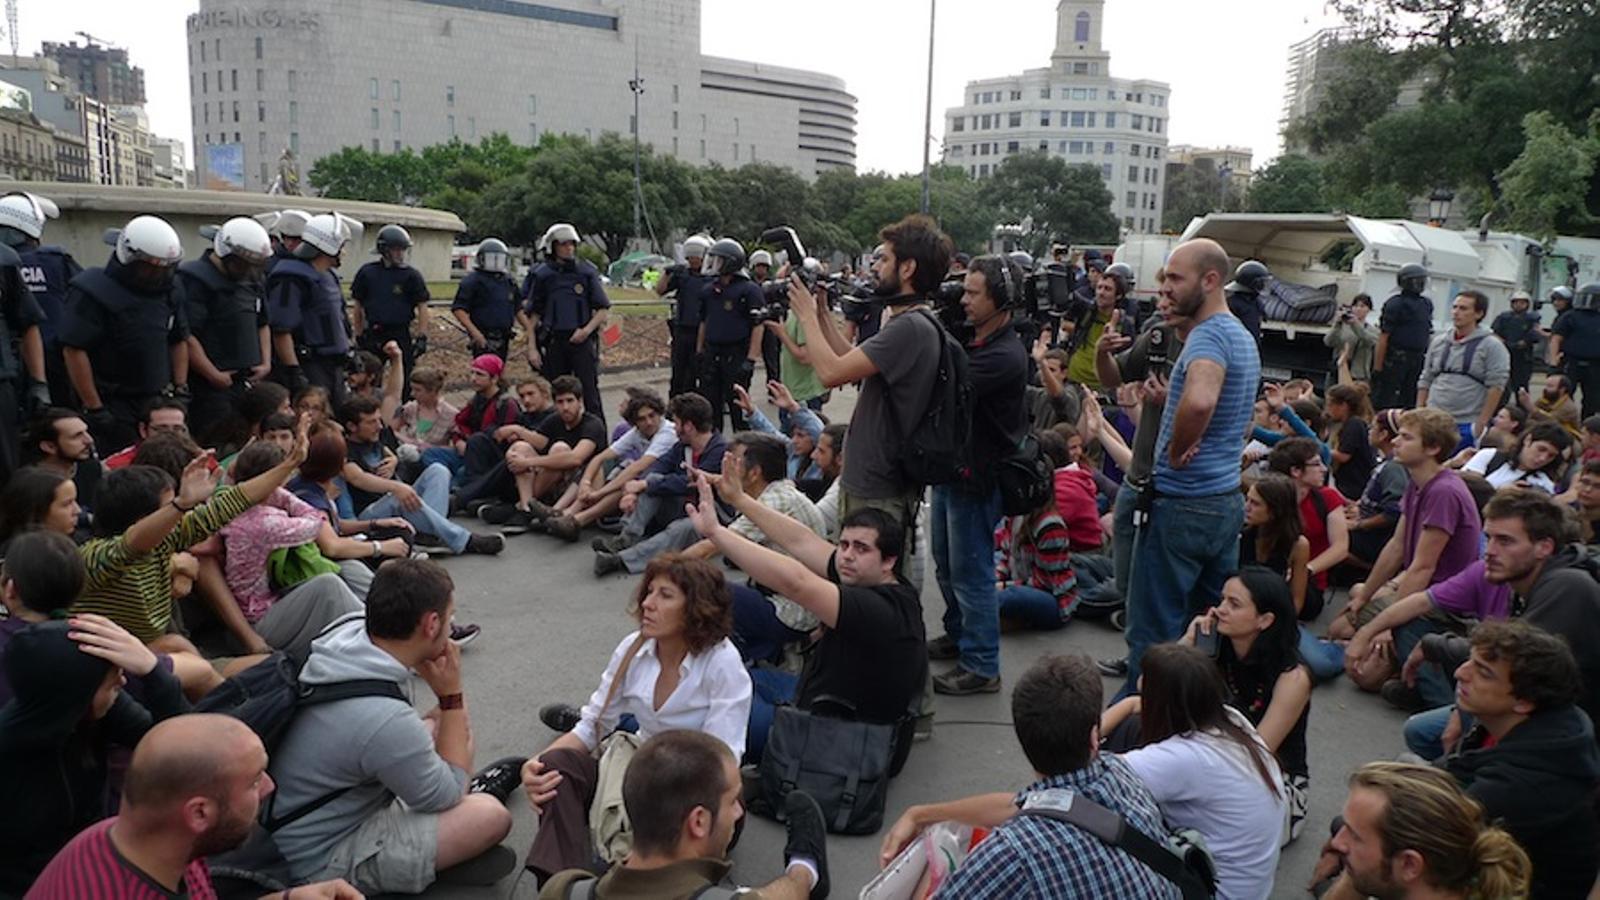 Acampats, envoltats de policia / GUILLEM CARBONELL